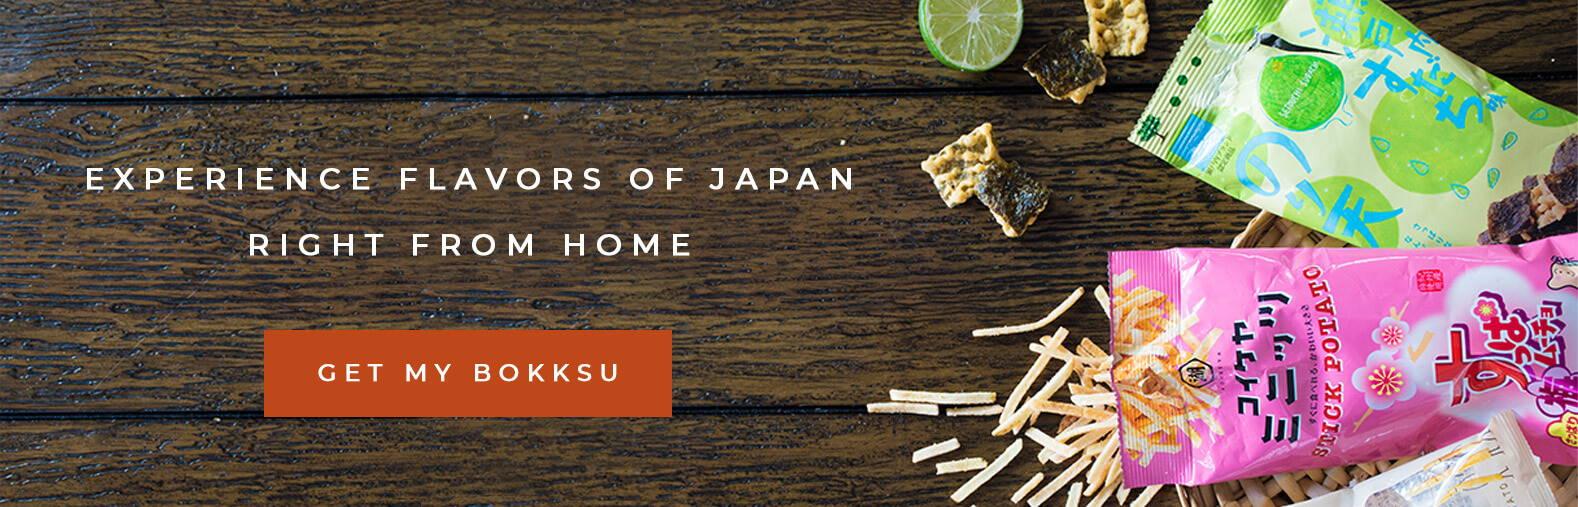 join bokksu japanese snavck subscription box service